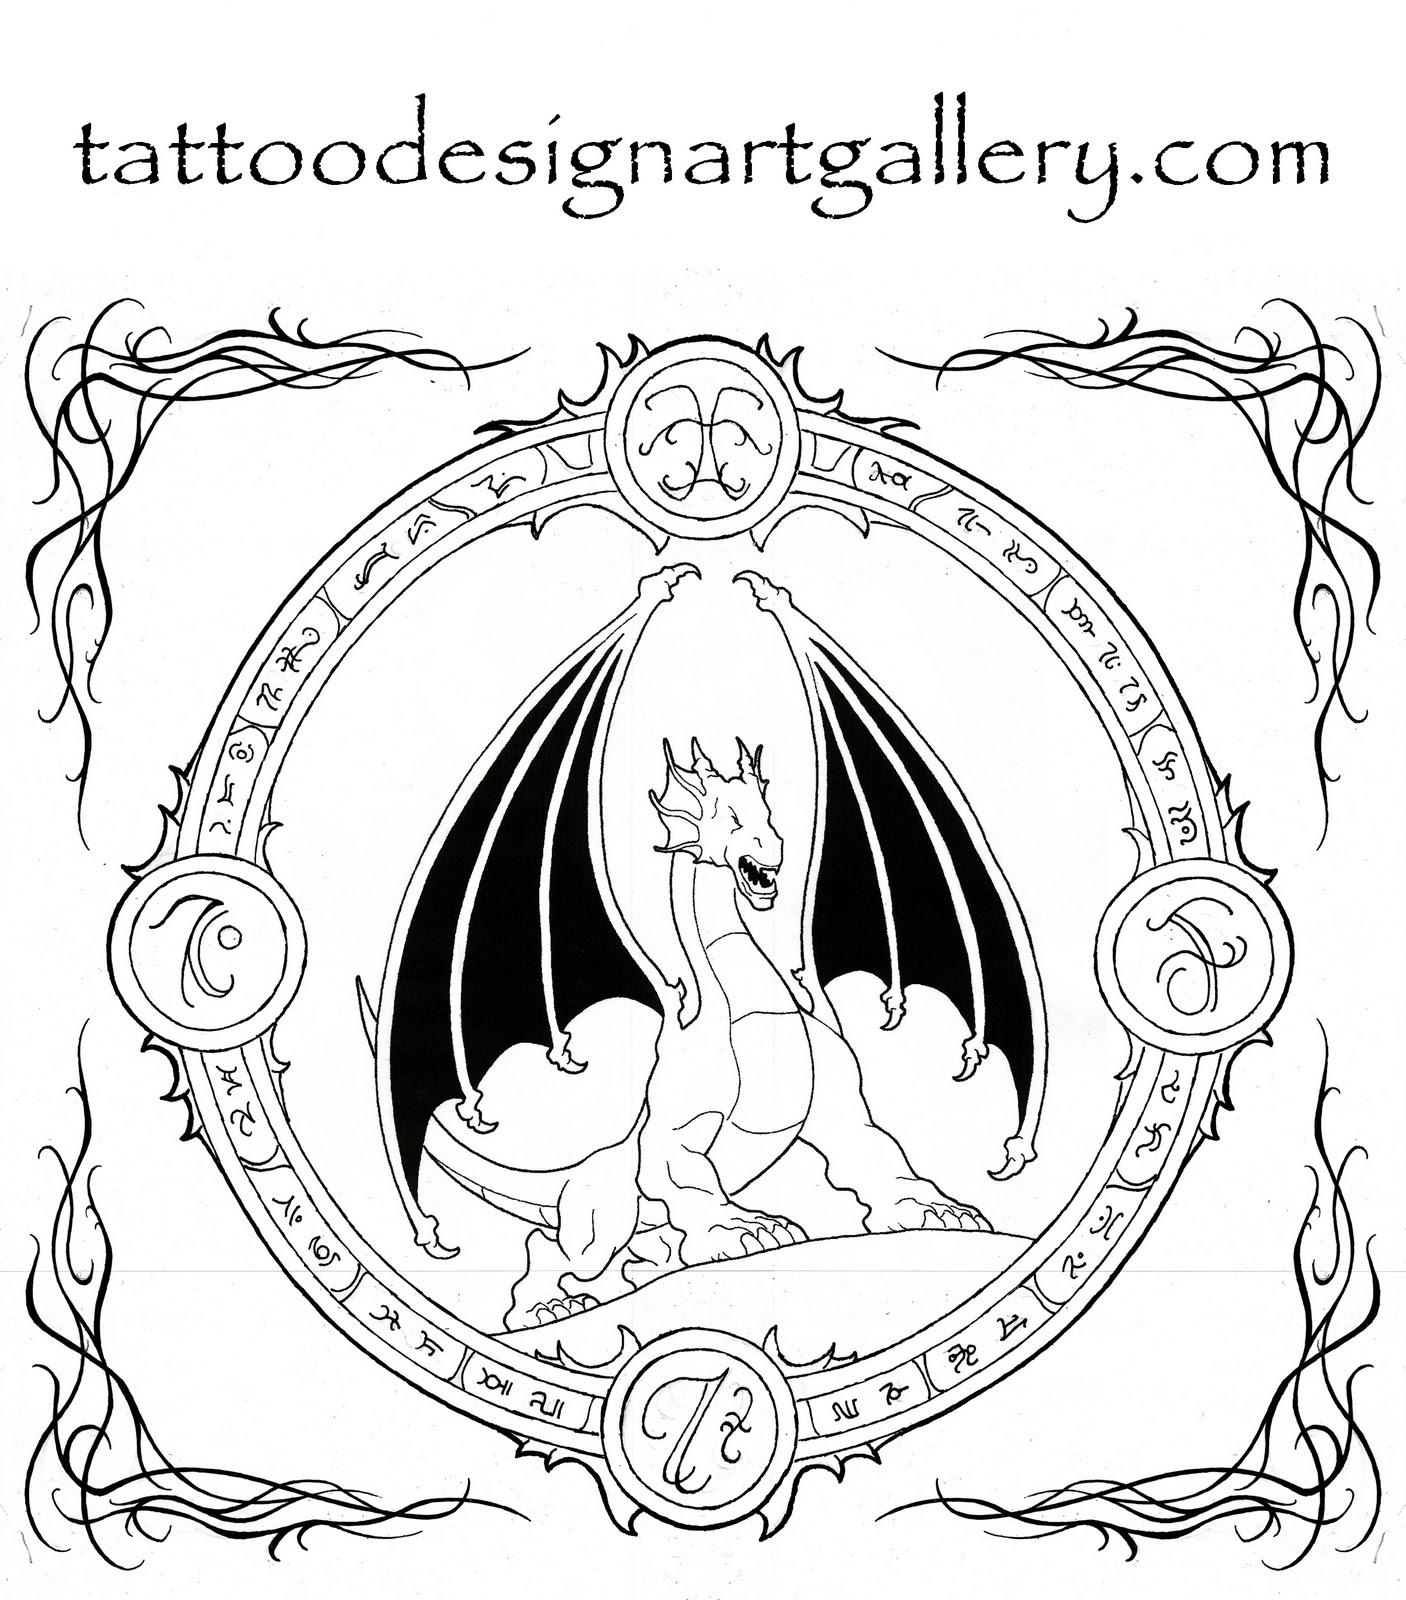 http://1.bp.blogspot.com/-55youxhw7A4/TnULSOYxh_I/AAAAAAAAAGI/HTbZOnLDaJw/s1600/Dragon-Tatto-Design-art-Fantasy.jpg